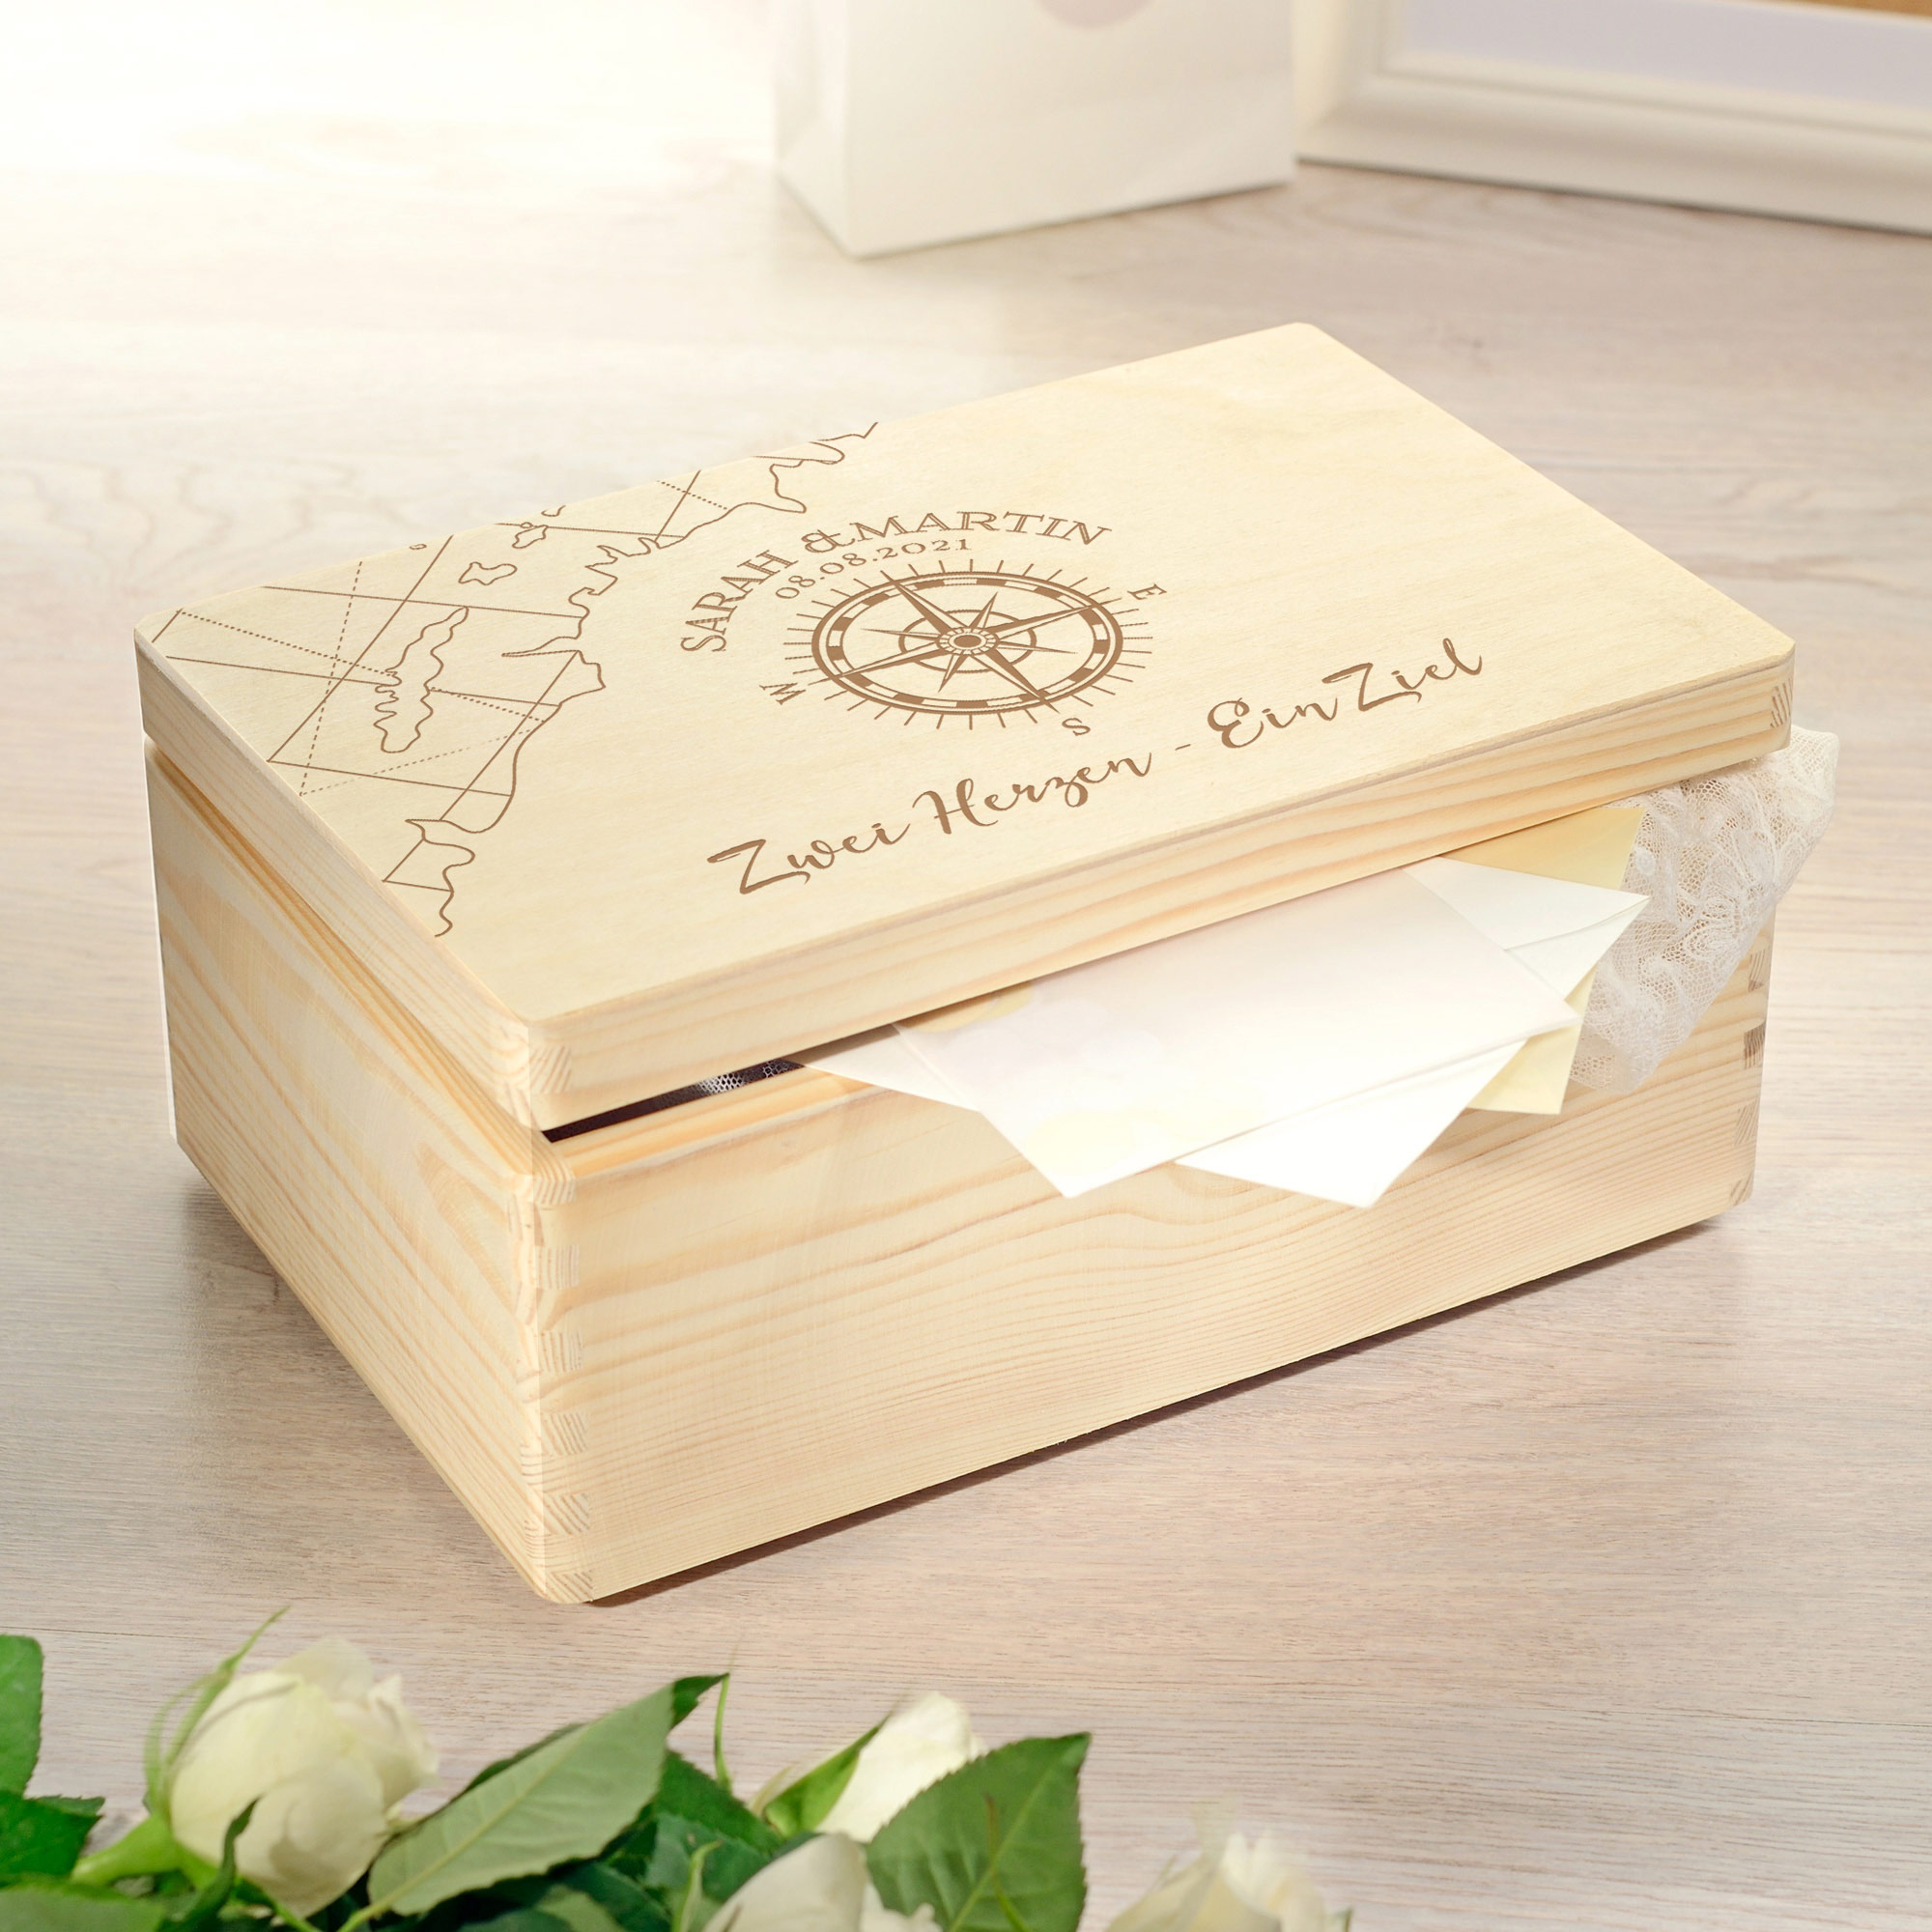 Erinnerungsbox mit Gravur - Kompass Liebe - Personalisiert